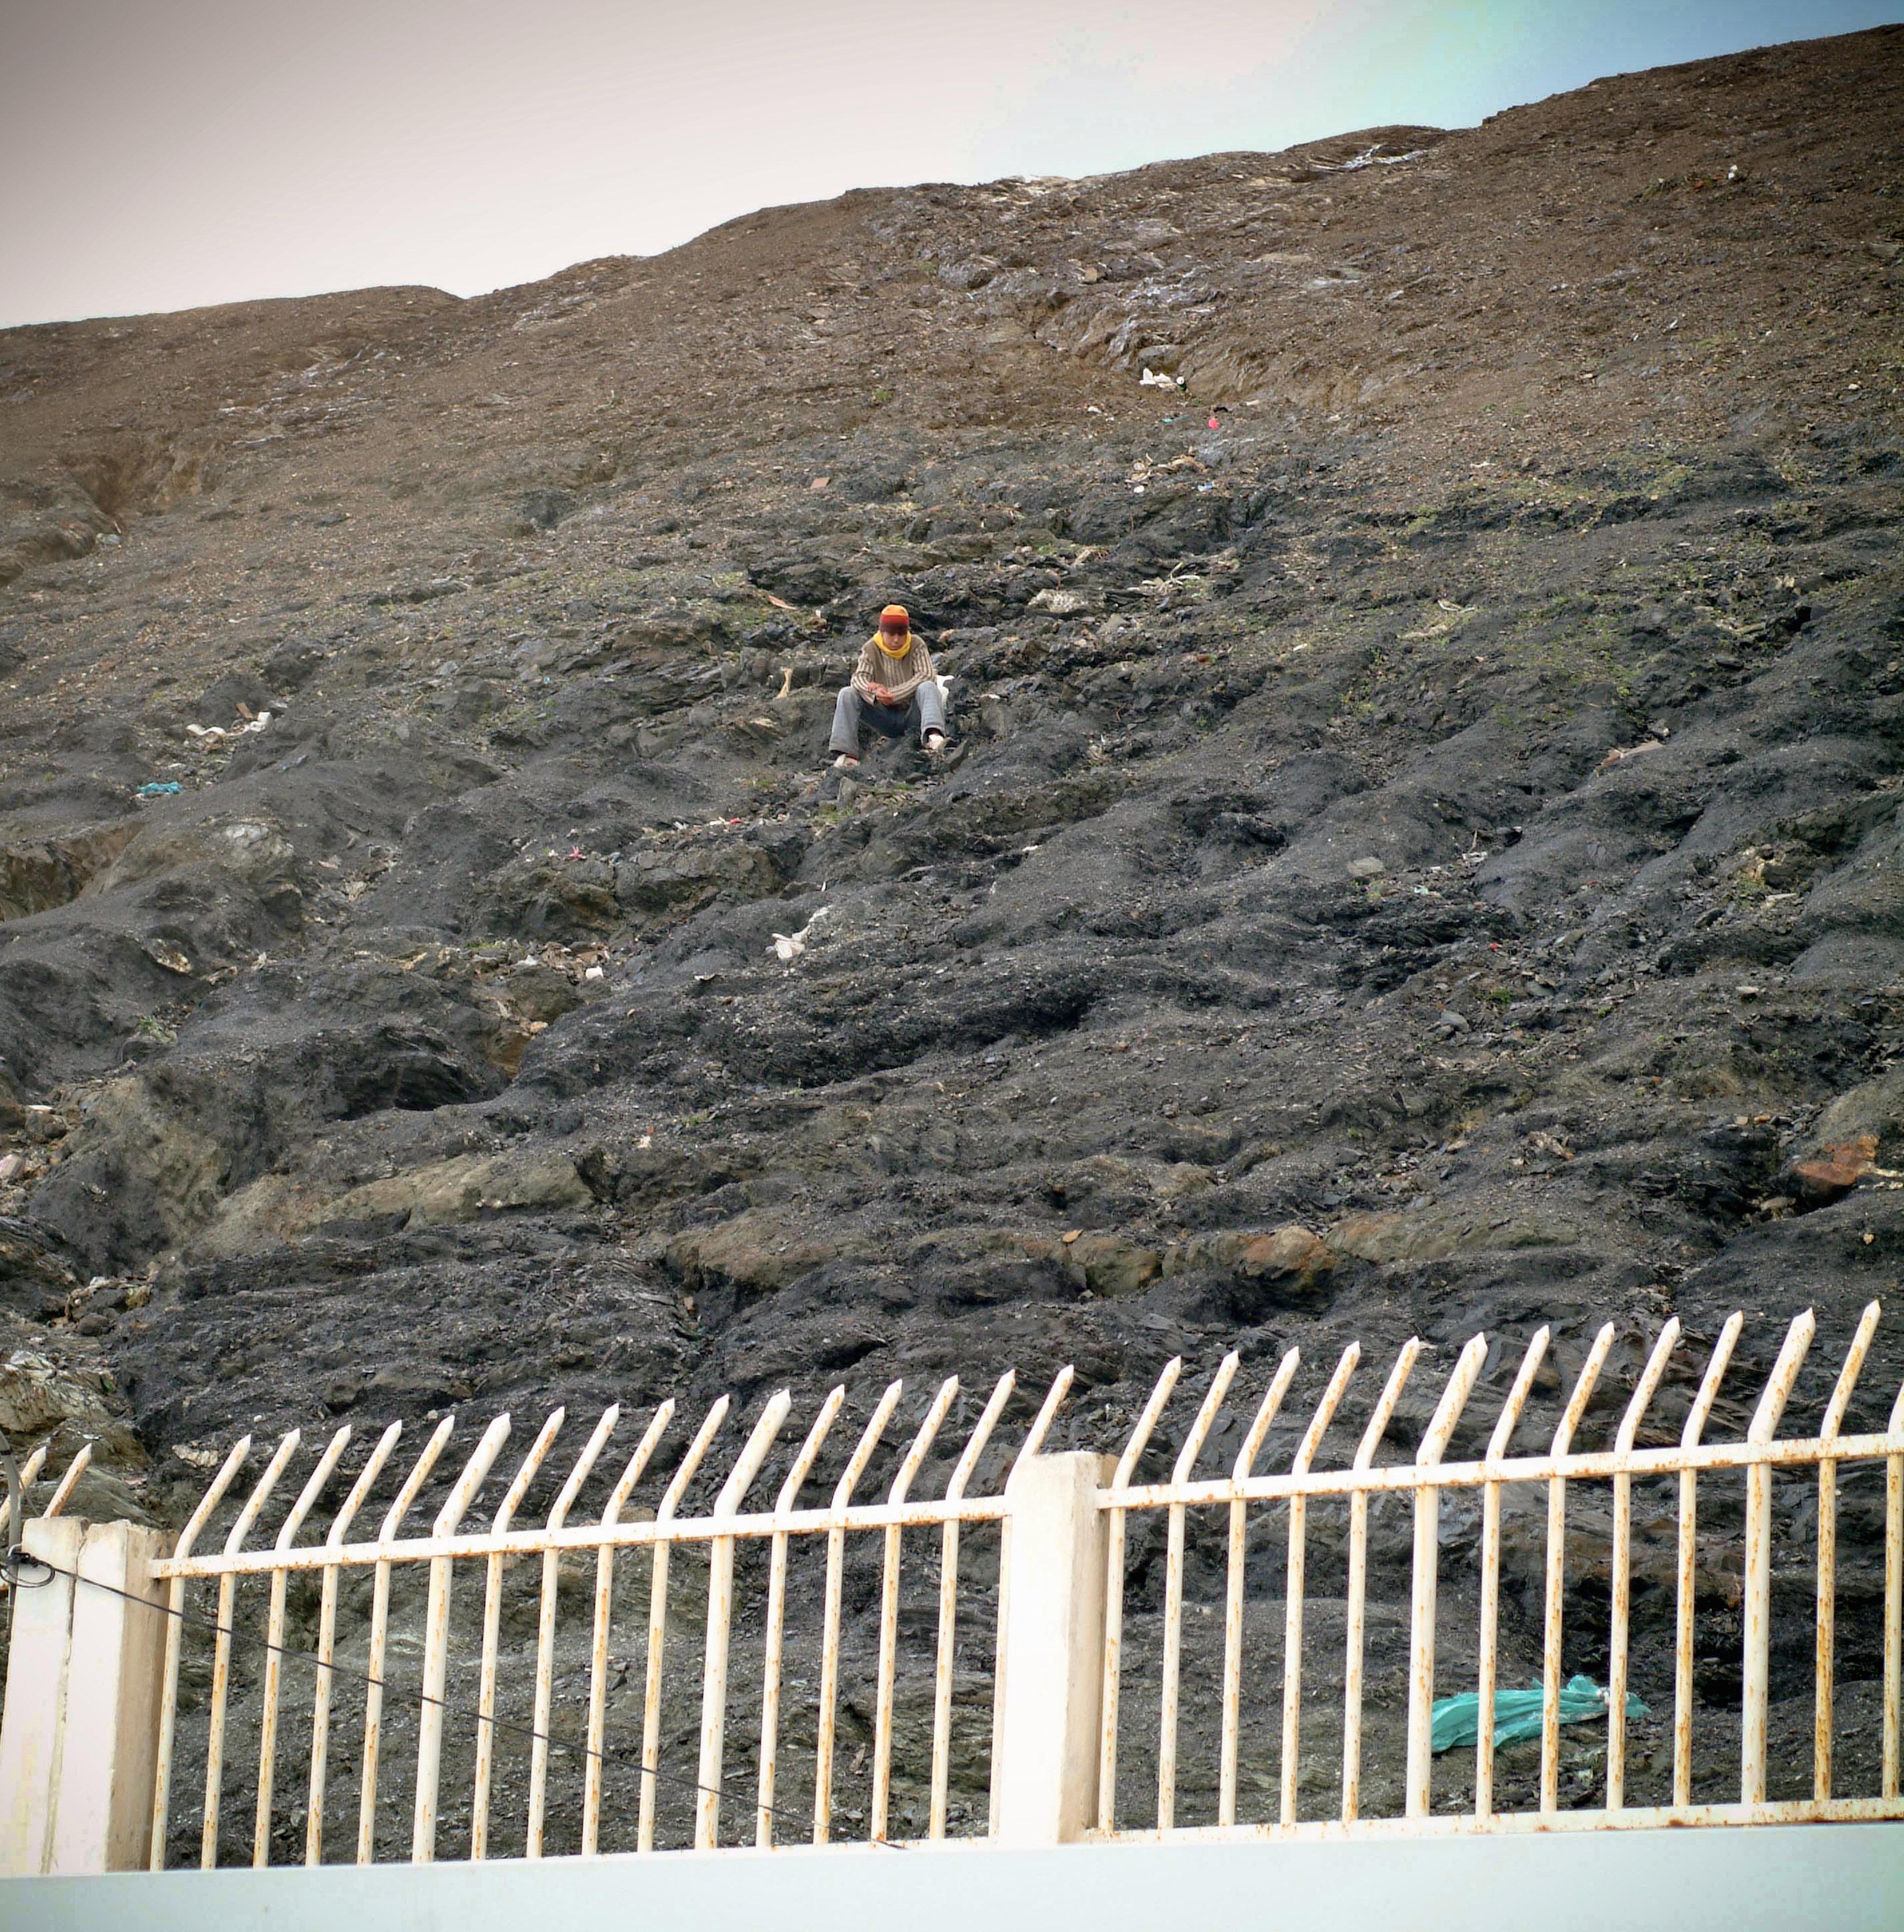 La frontière entre l'enclave espagnole Ceuta et le